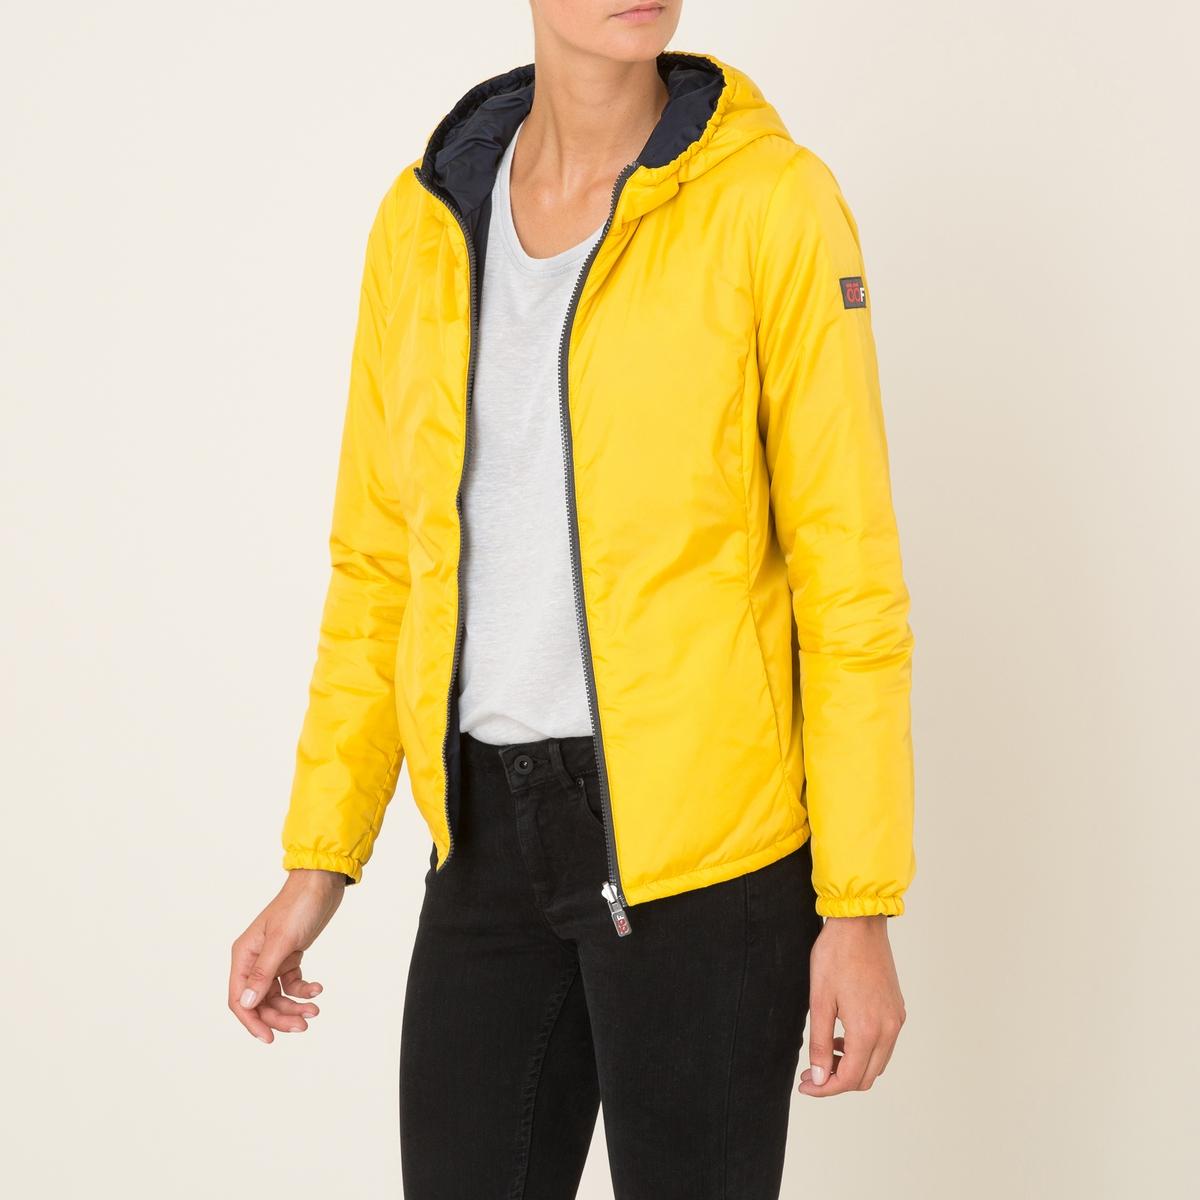 Куртка короткая, двусторонняяКороткая куртка OOF - двусторонняя модель. С капюшоном . Высокий воротник. Приталенная модель за счёт отрезных деталей. Скрытые боковые карманы. Застежка на молнию. Эластичные манжеты.Состав и описание Материал : 100% полиамидМарка : OOF<br><br>Цвет: желтый/ серый